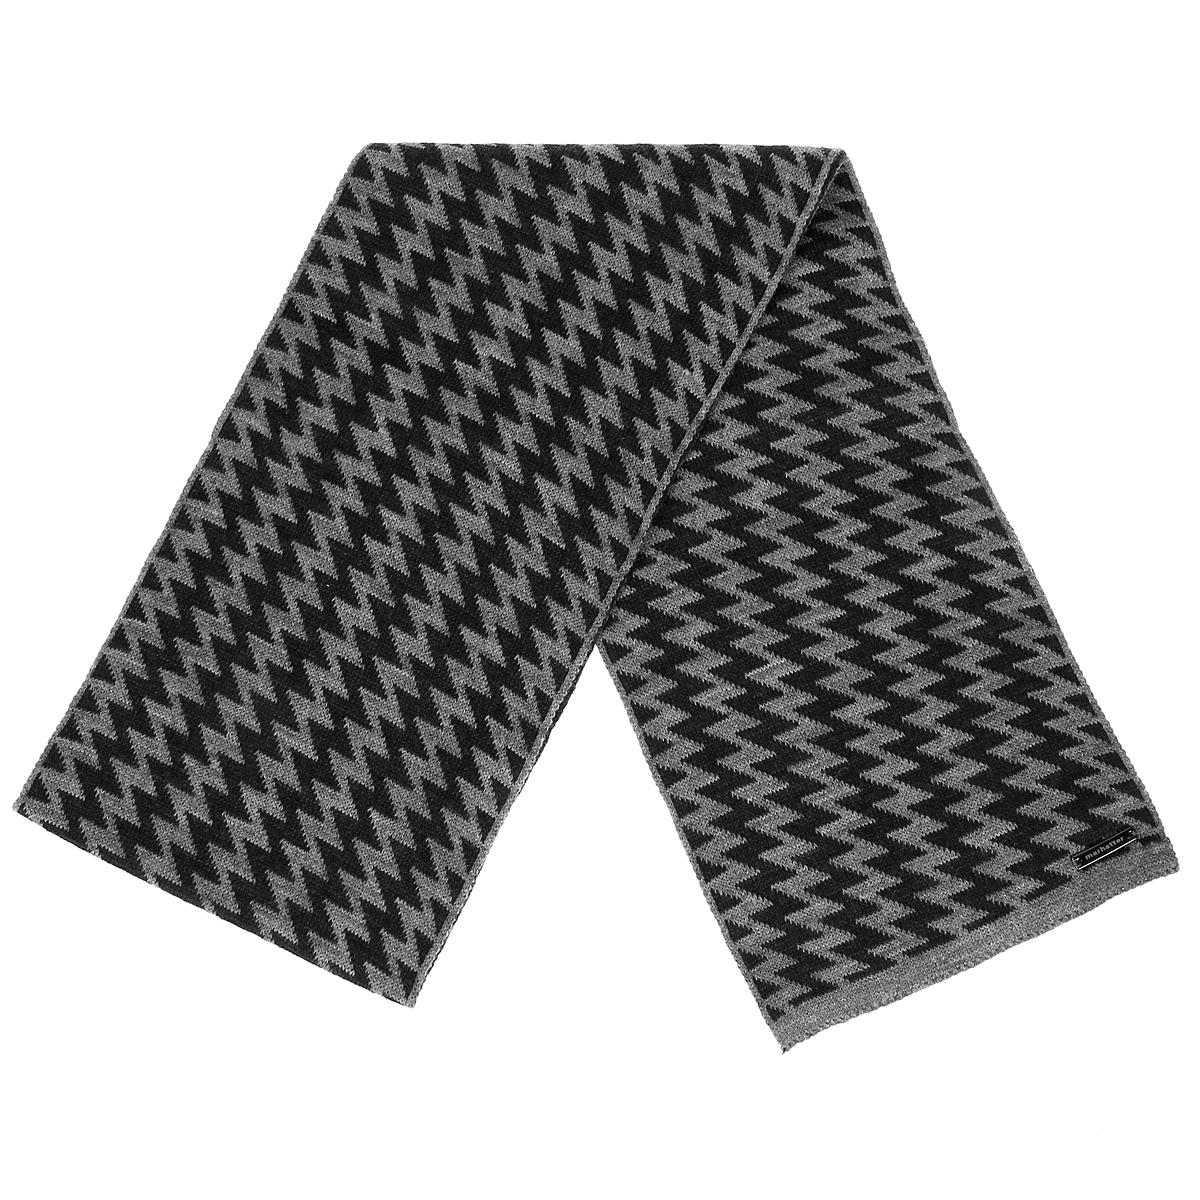 Шарф мужской. 4364143641Вязаный шарф Marhatter согреет в холодное время года, а также станет изысканным аксессуаром, который призван подчеркнуть ваши индивидуальность и стиль. Шарф, изготовленный из шерсти и акрила, максимально сохраняет тепло, хорошо тянется и устойчив к сминанию. Мягкий, теплый, удобный шарф оформлен орнаментом зиг-заг.